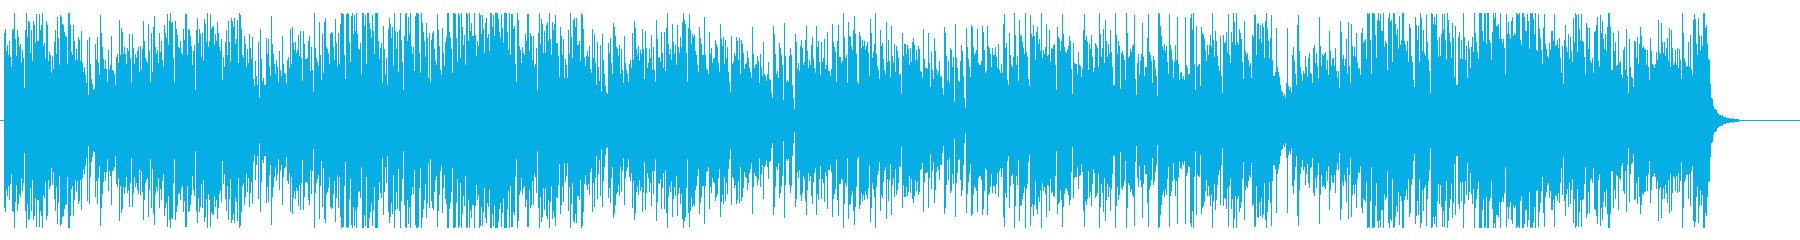 ピアノとオルガンでハイテンポなラグタイムの再生済みの波形